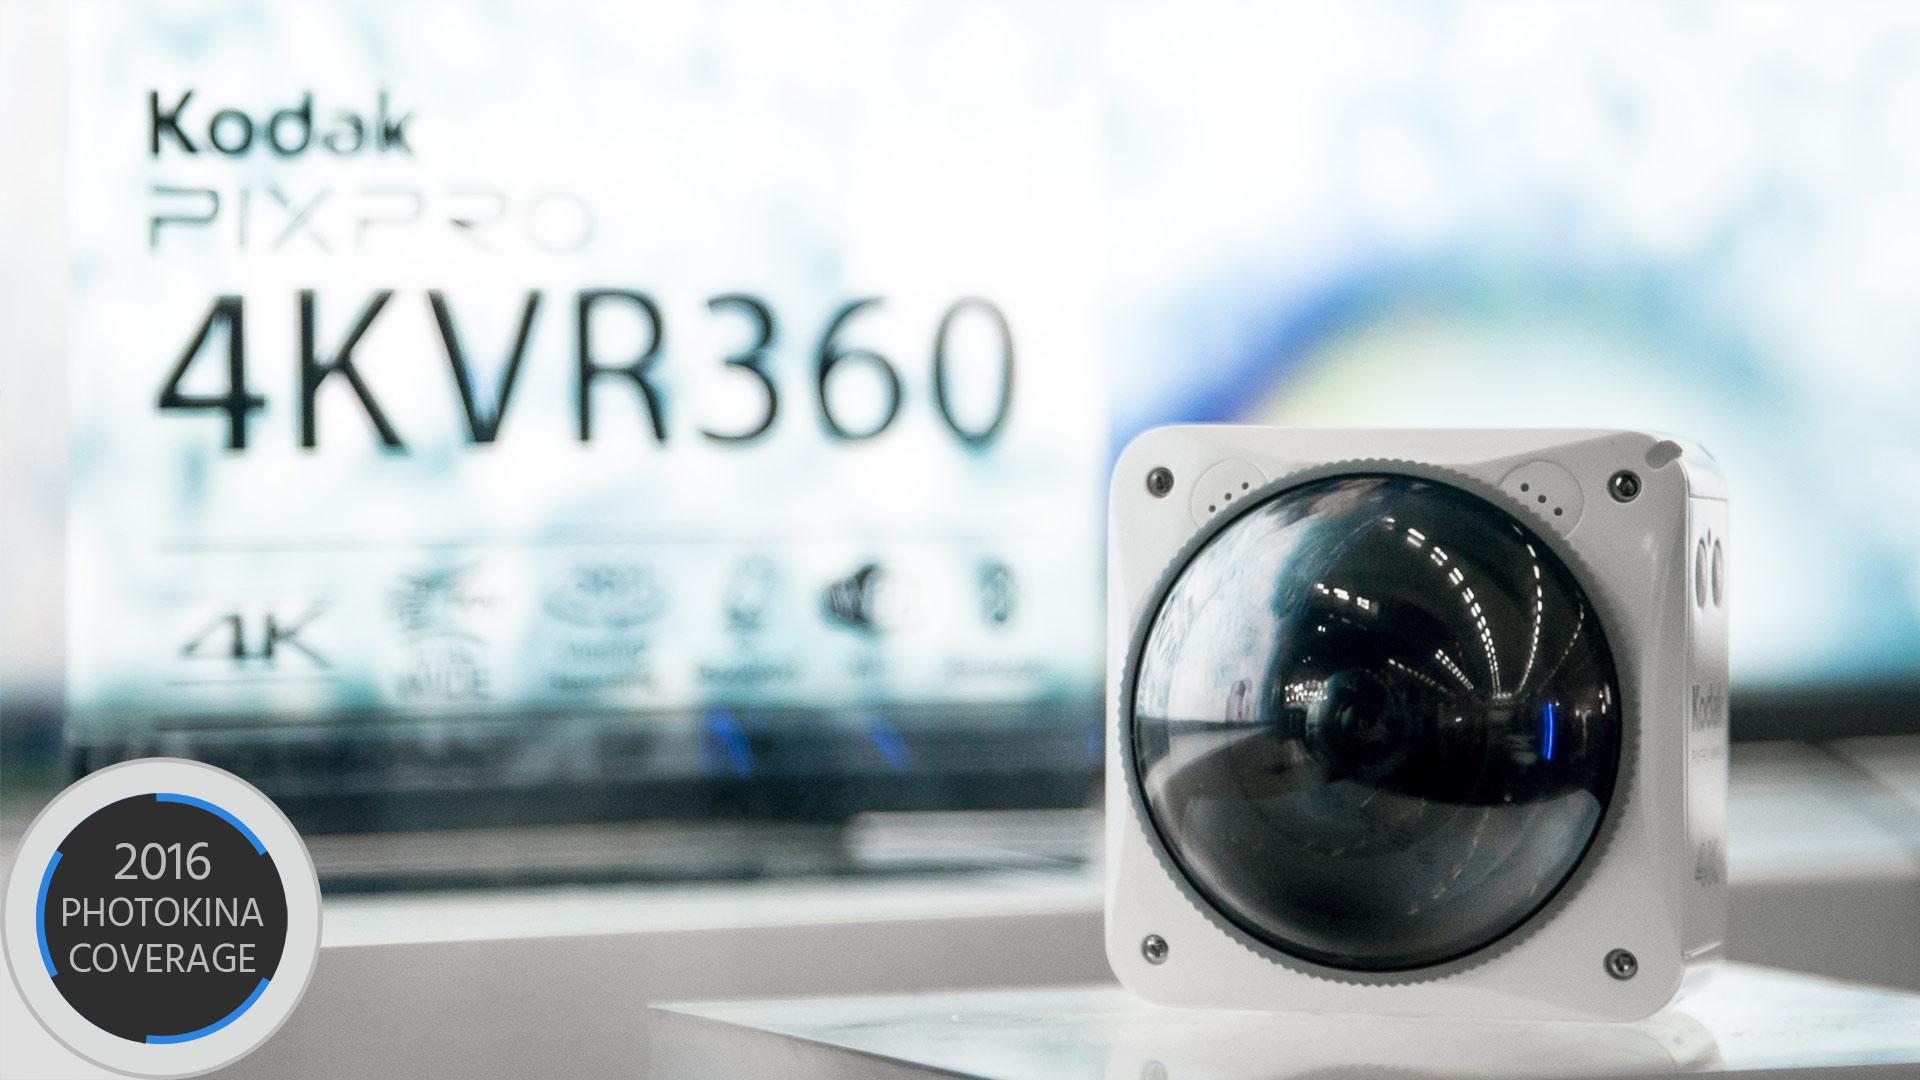 コダック PixPro 4KVR360 を参考出品- 3モードで使える4K全天球アクションカメラ